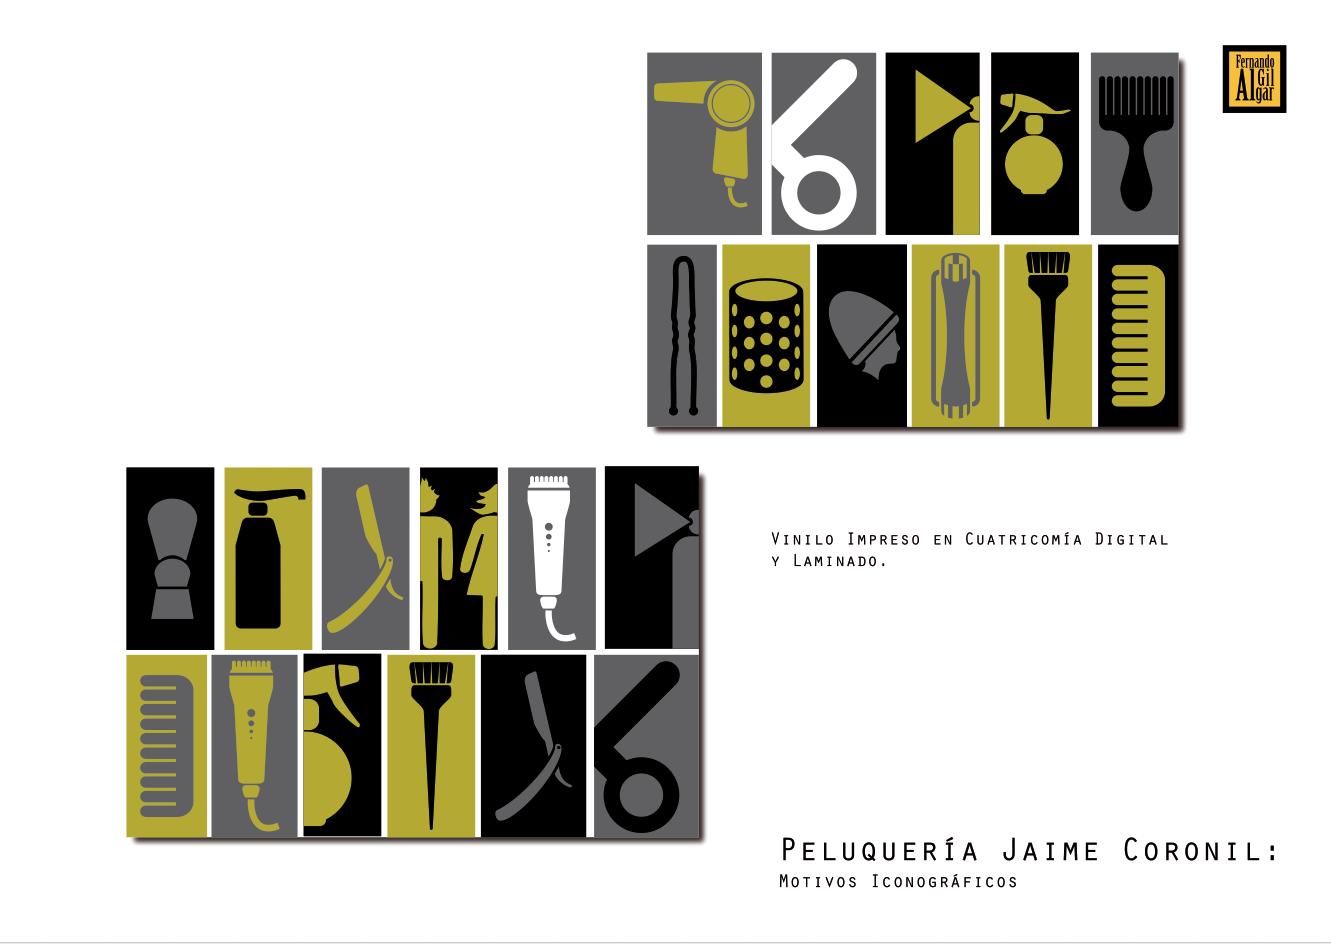 peluqueria_jaime_coronil-2